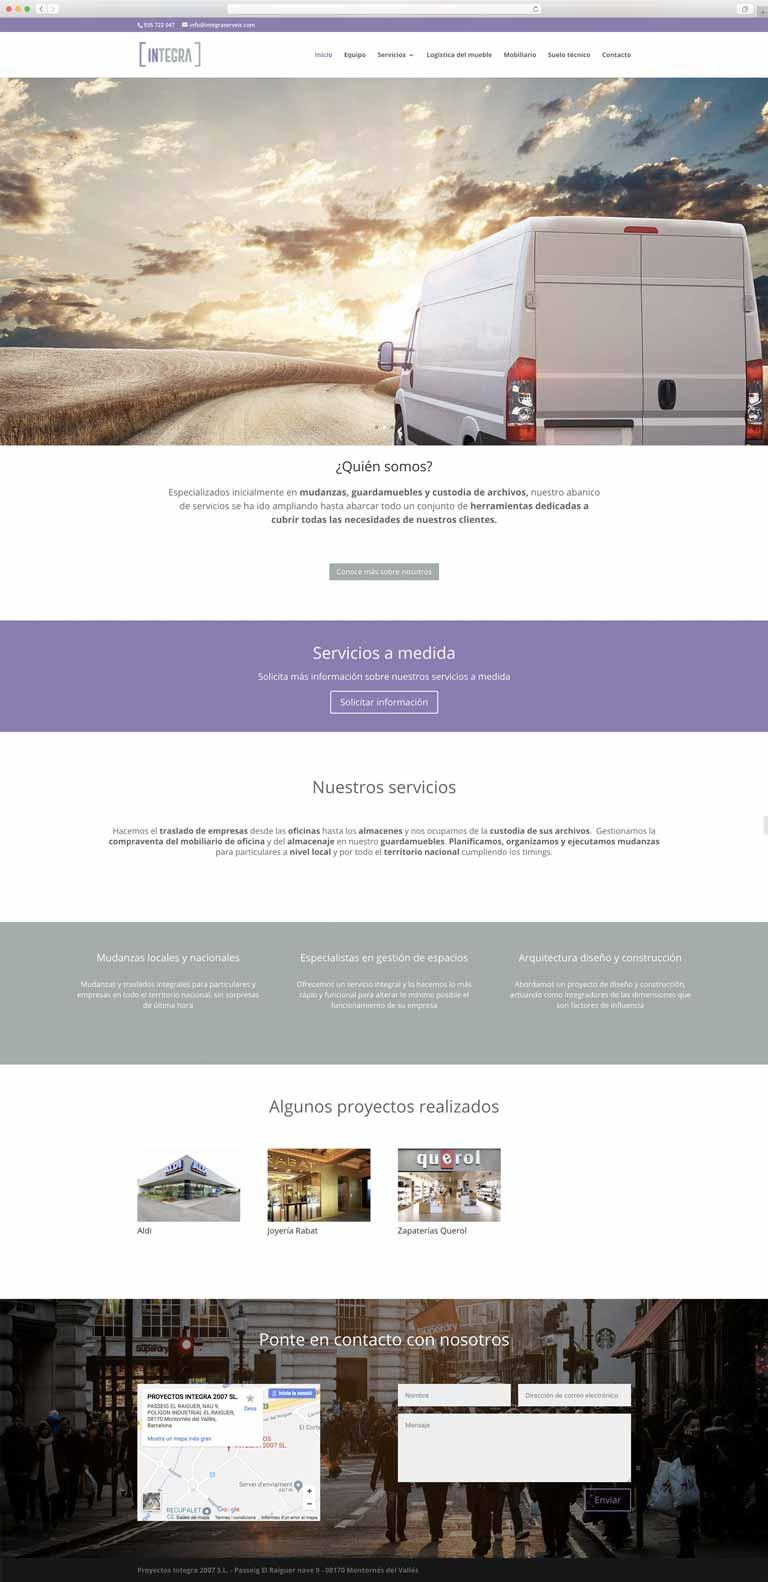 Muestra 1 del diseño web del proyecto Integra Serveis, realizado por La Publicidad Creativa y Just the web